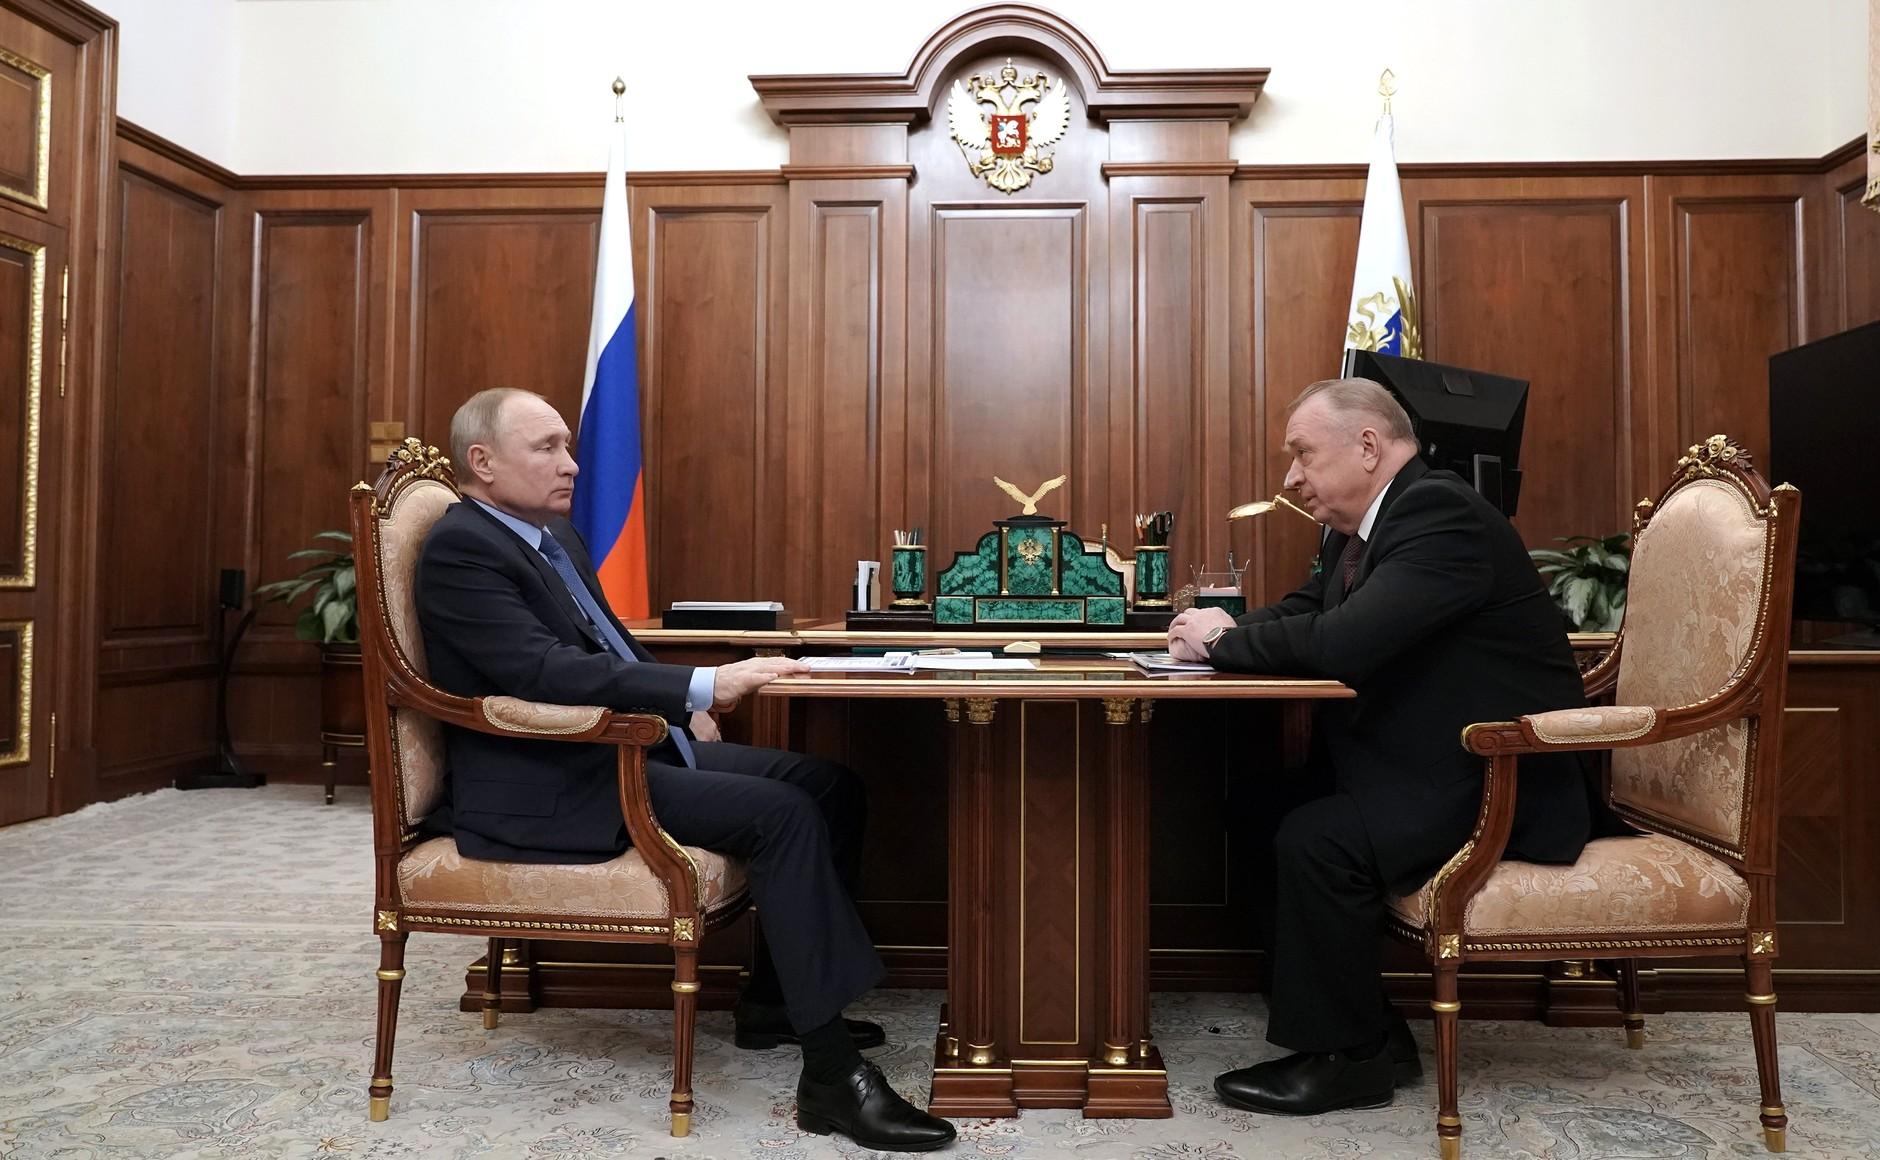 RU COMMERCE 1 KK 2 Rencontre avec le chef de la Chambre de commerce et d'industrie Sergei Katyrin 25 février 2021